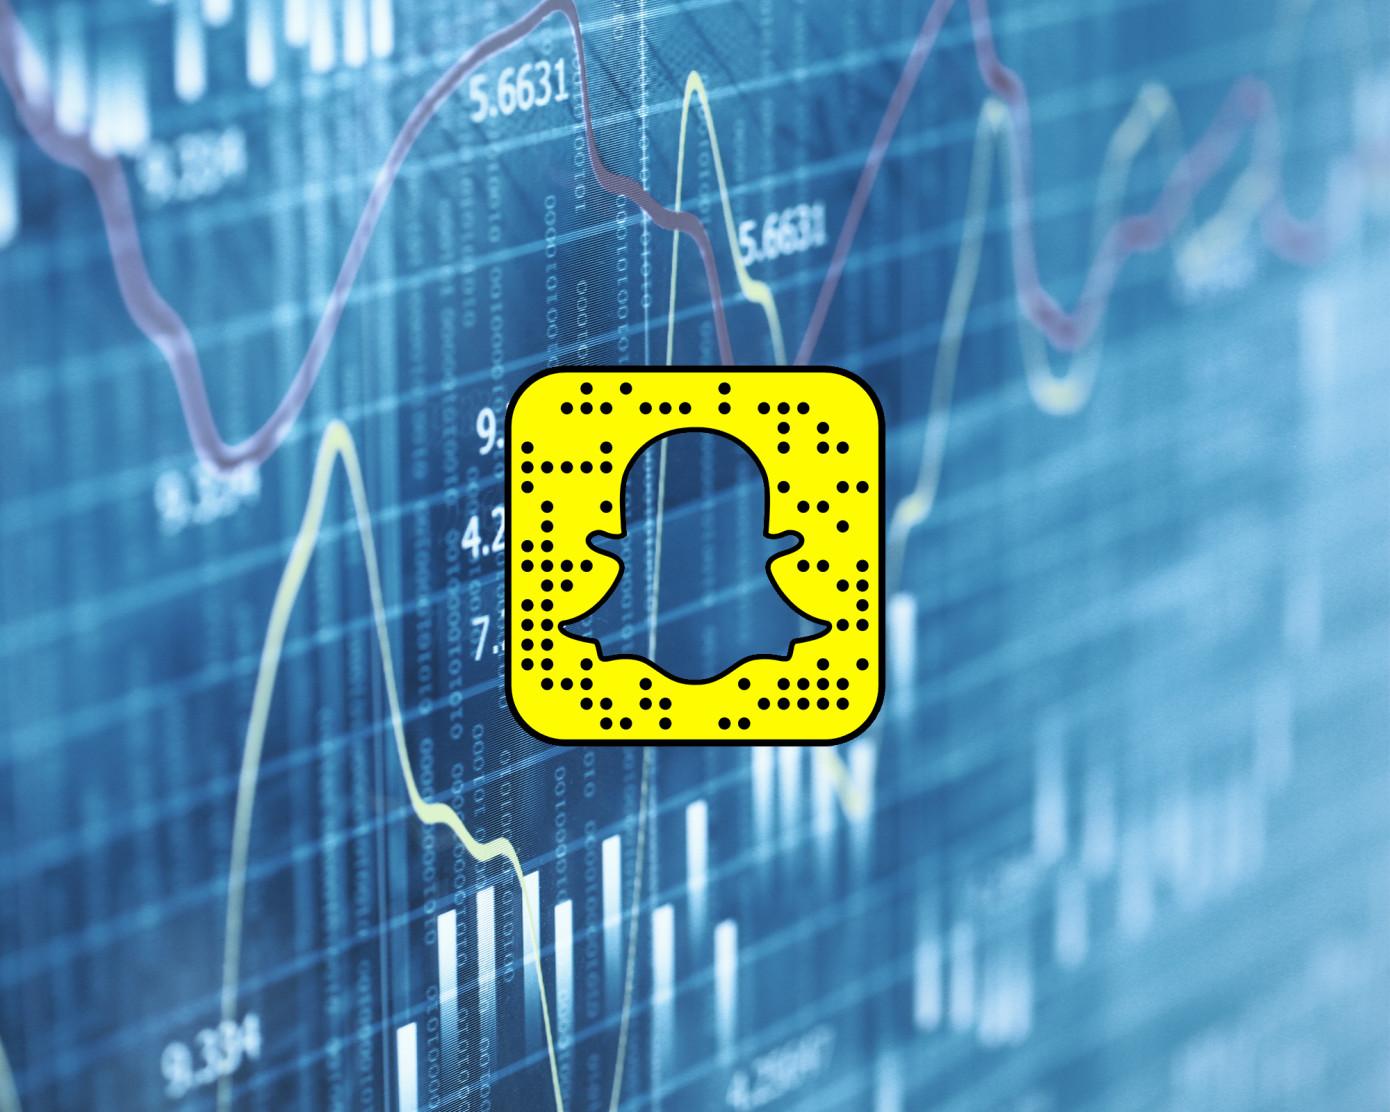 Snapchat potenciará historias y anuncios en otras aplicaciones